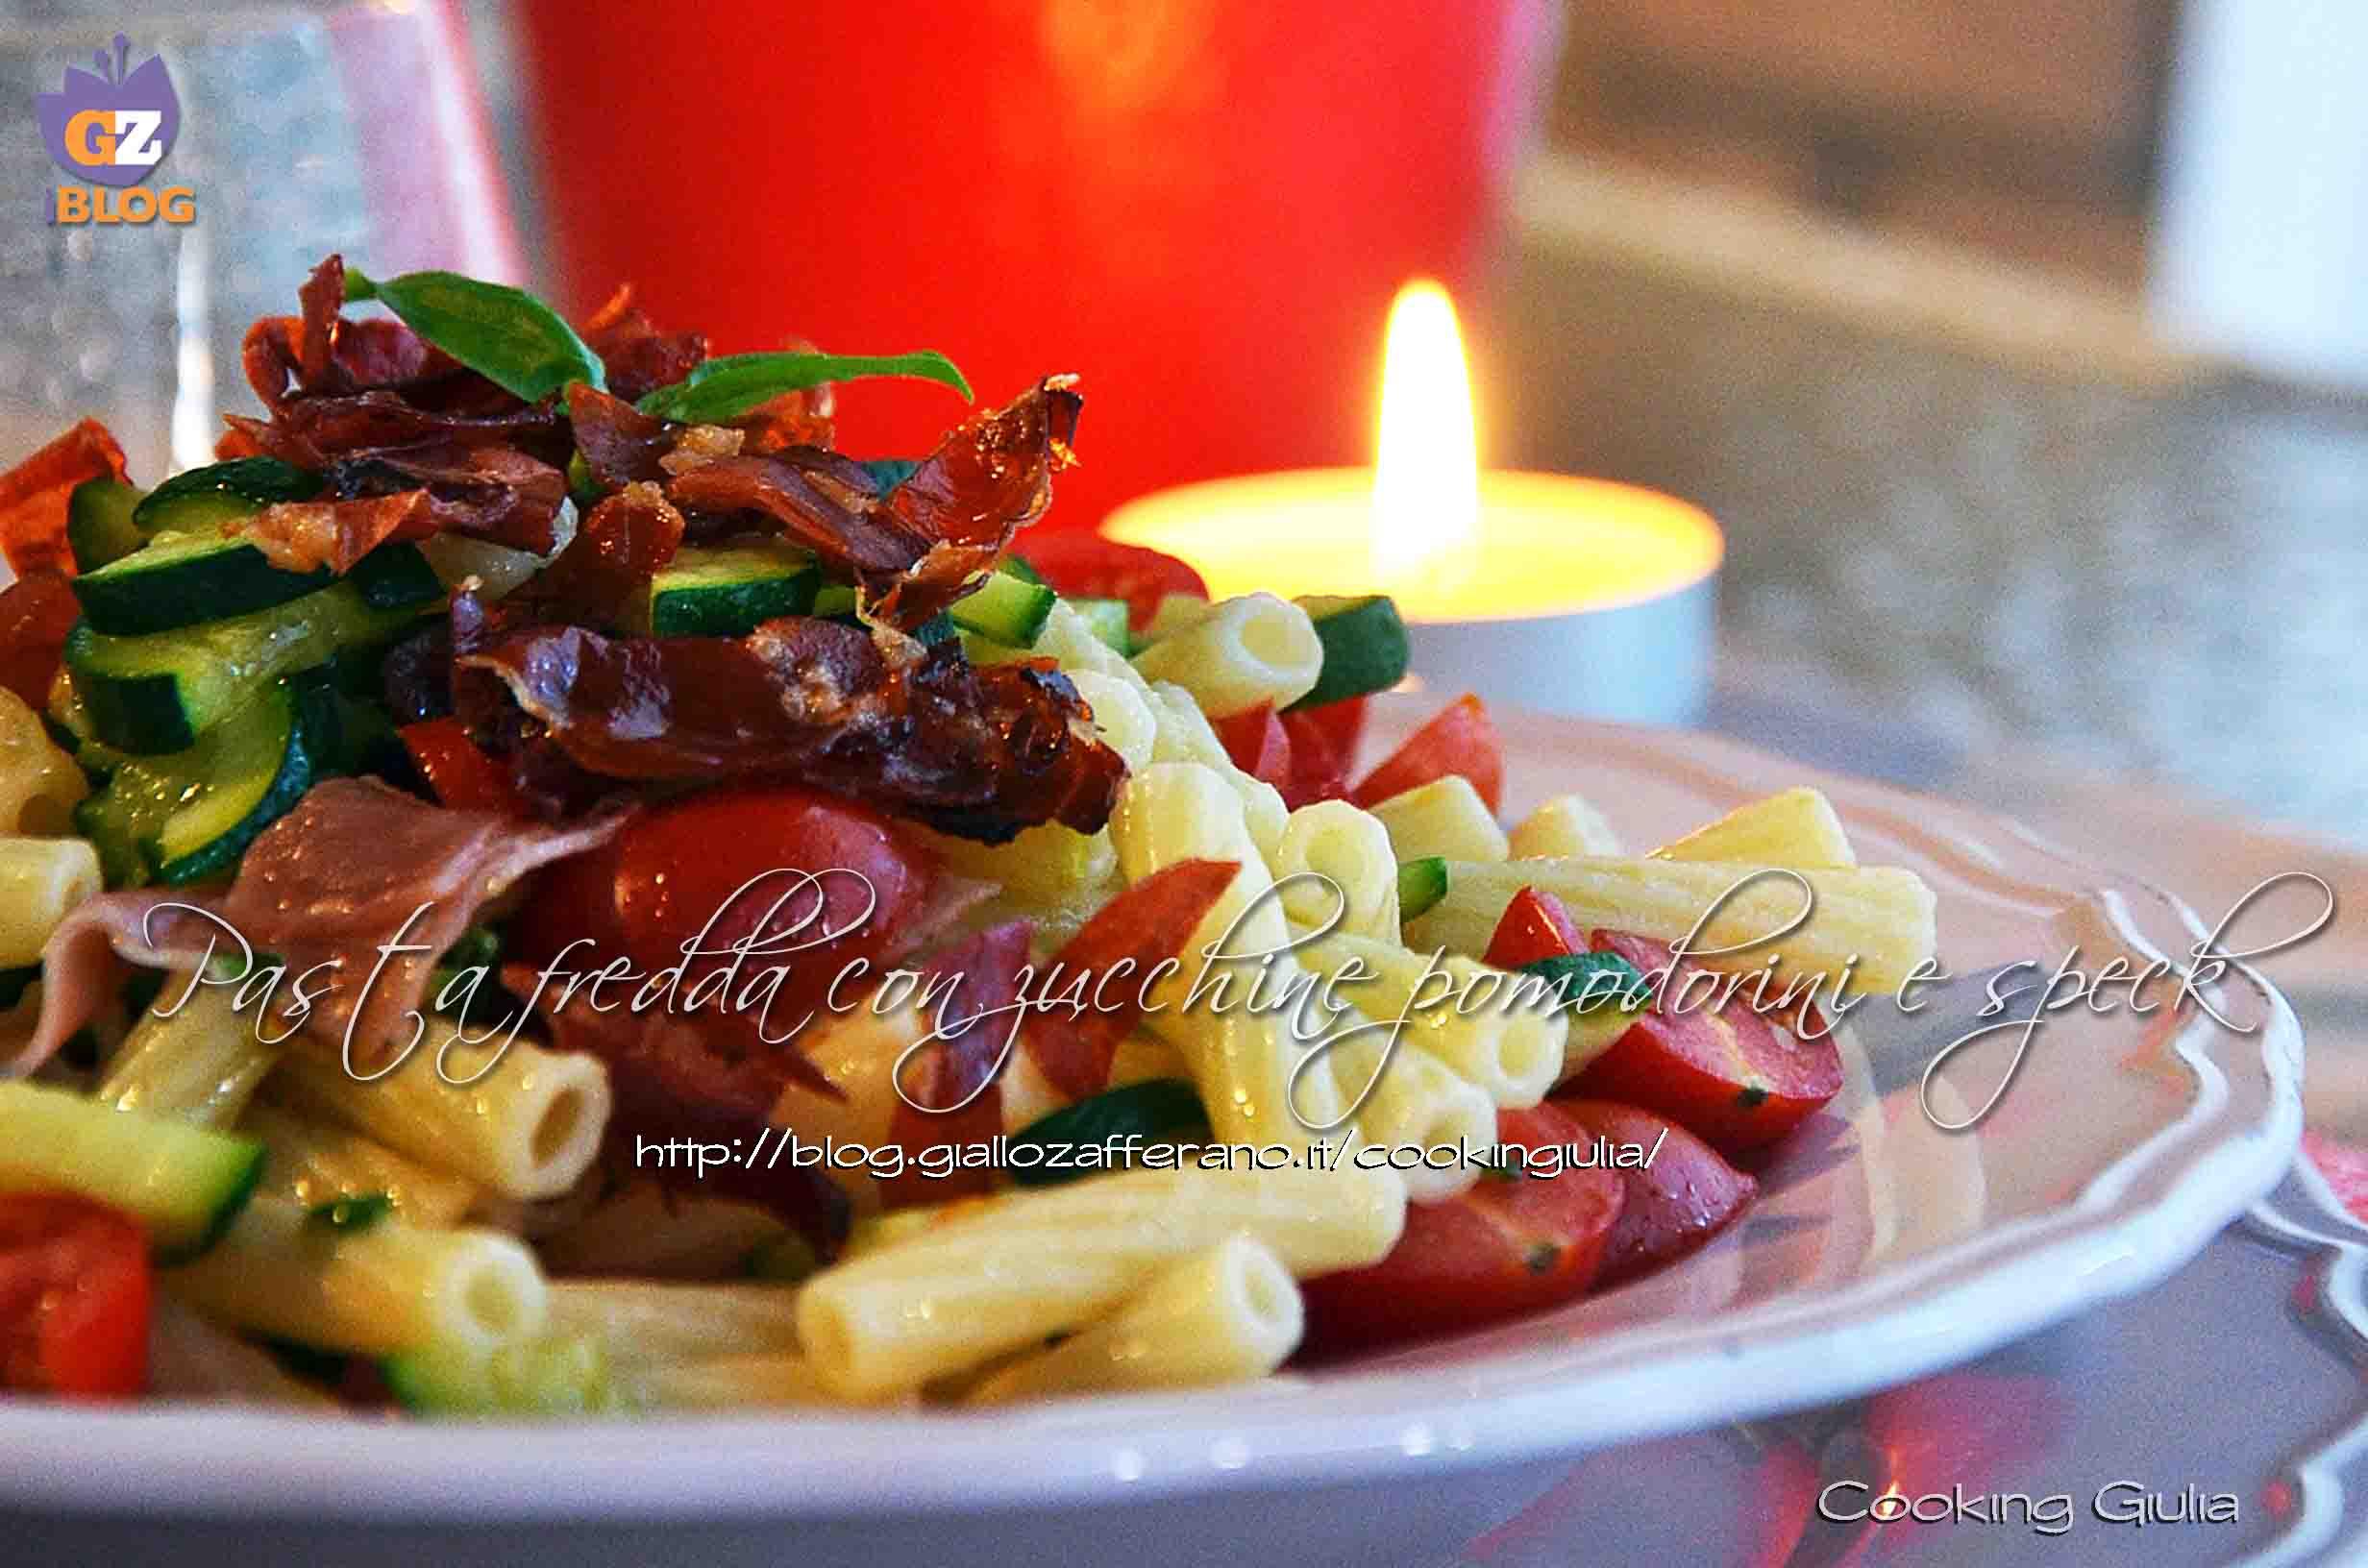 pasta fredda | zucchine | pomodori | pomodori perini | speck | basilico | cooking giulia